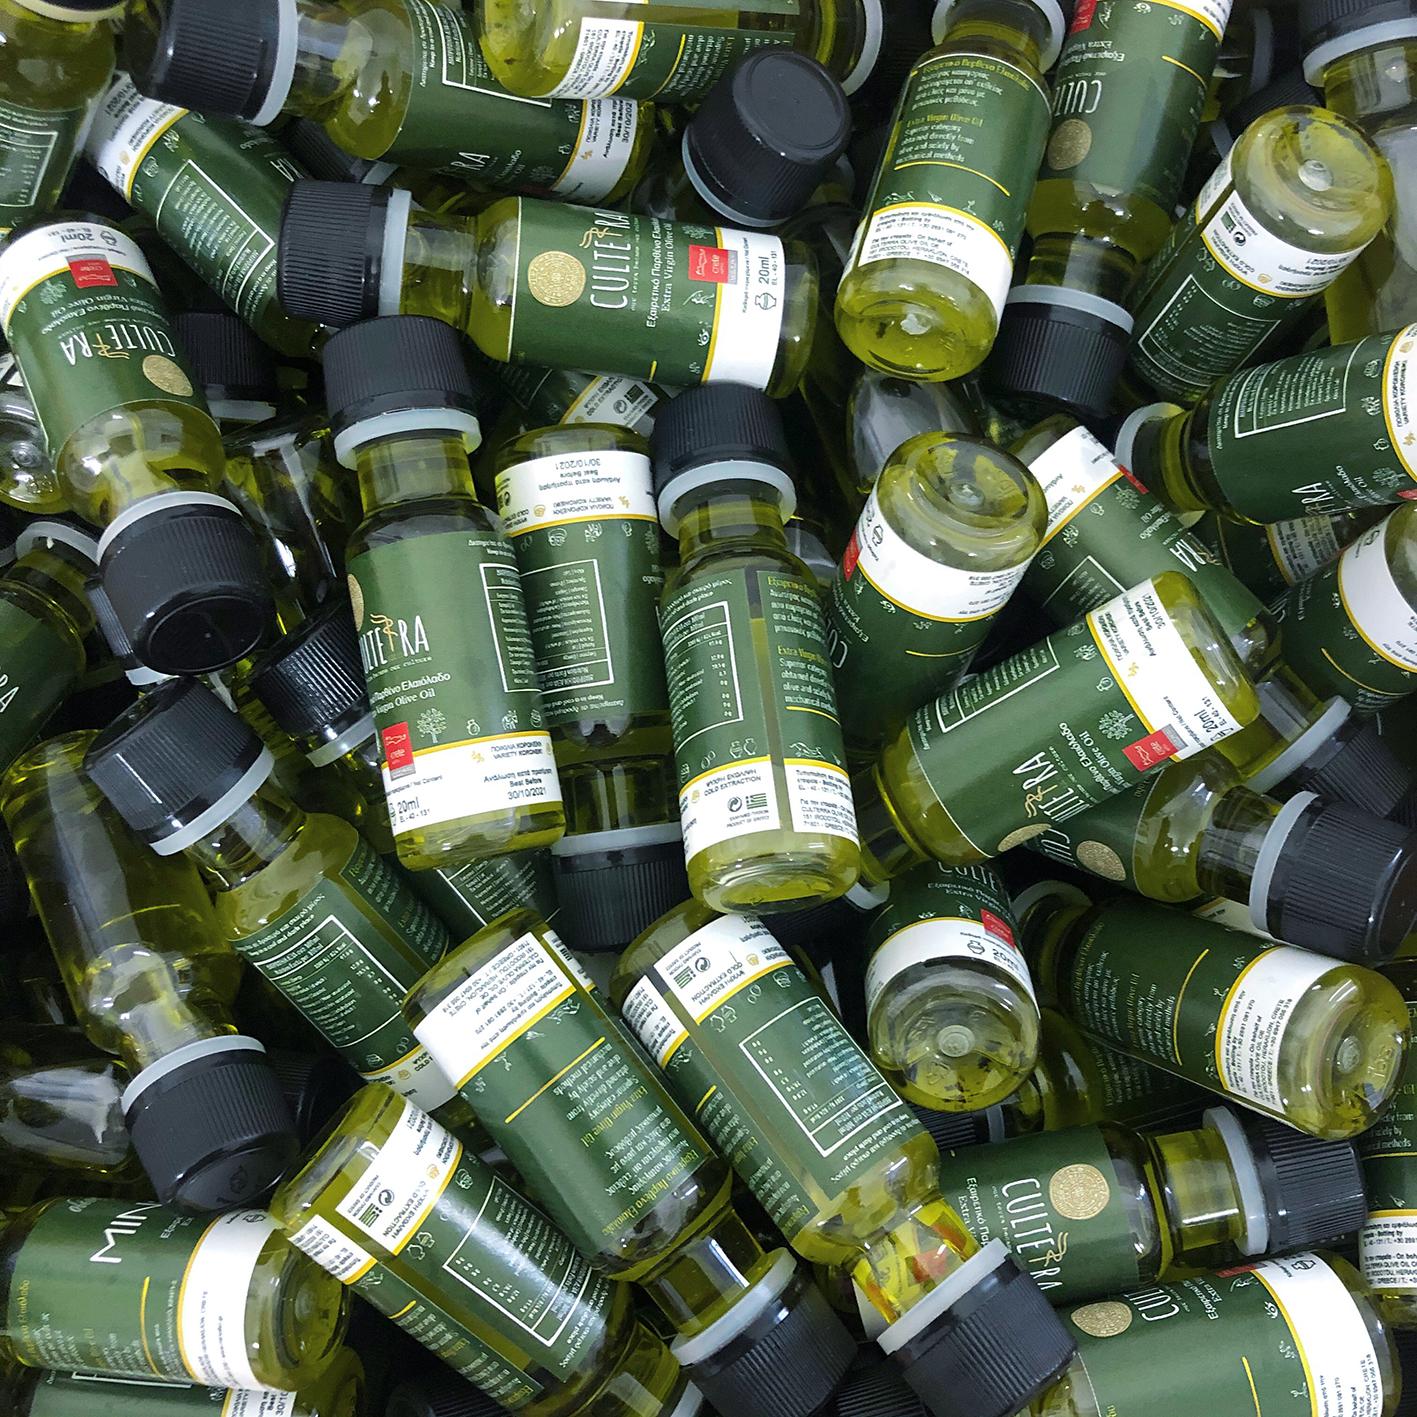 Indywidualna butelka oliwy z oliwek